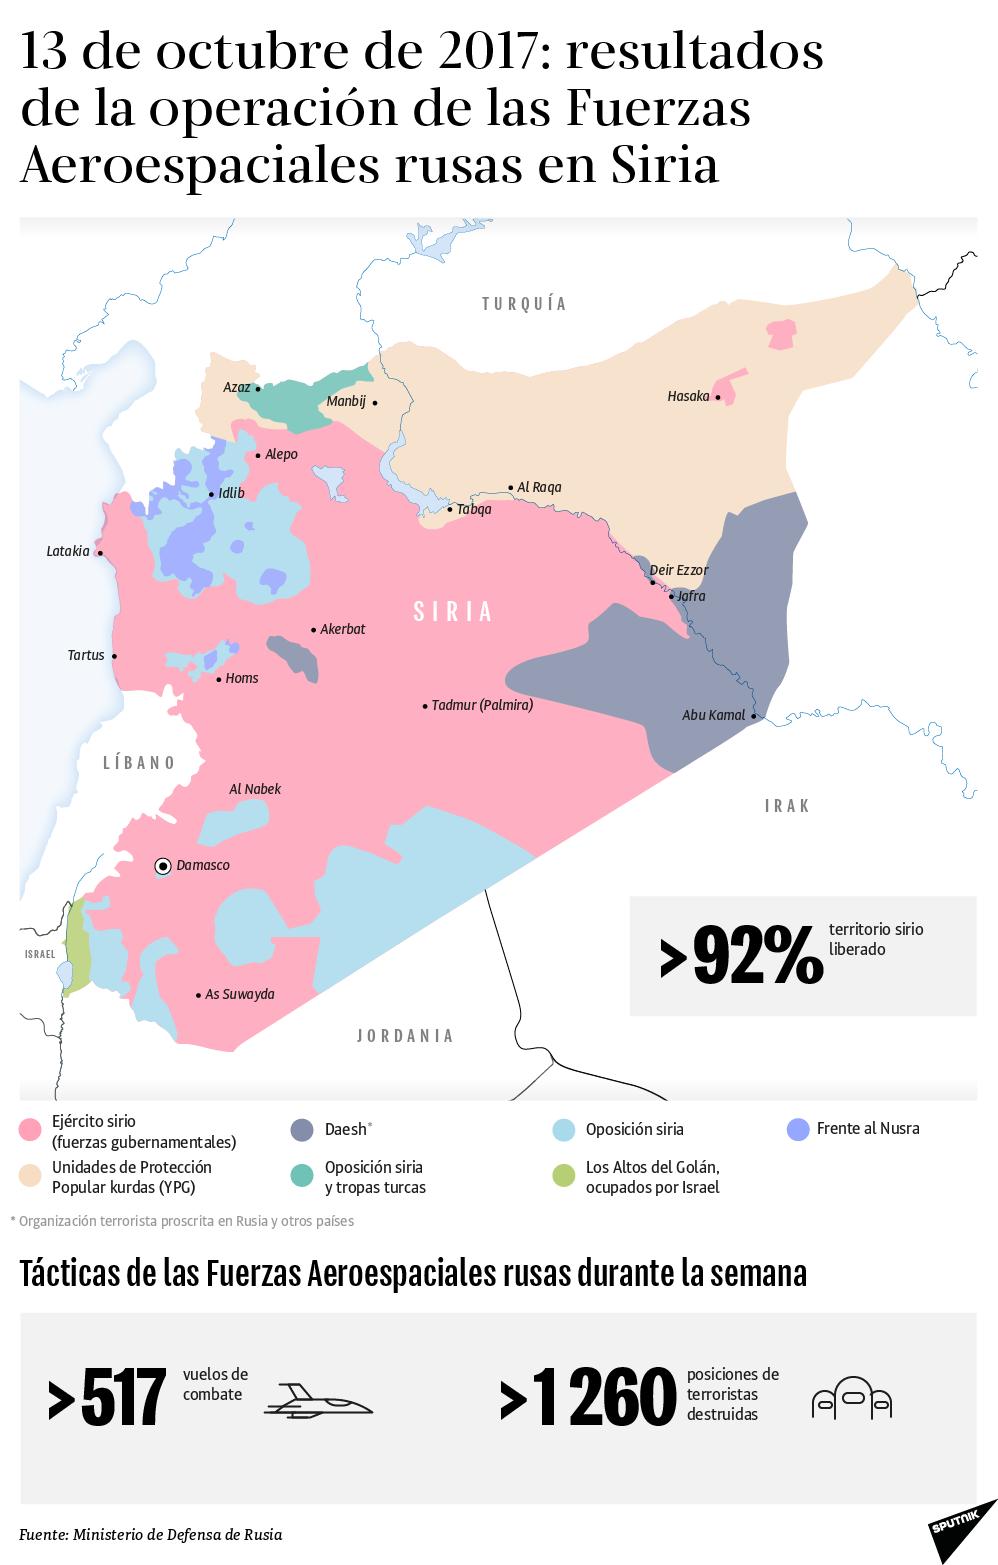 Los resultados de la operación de Rusia en Siria